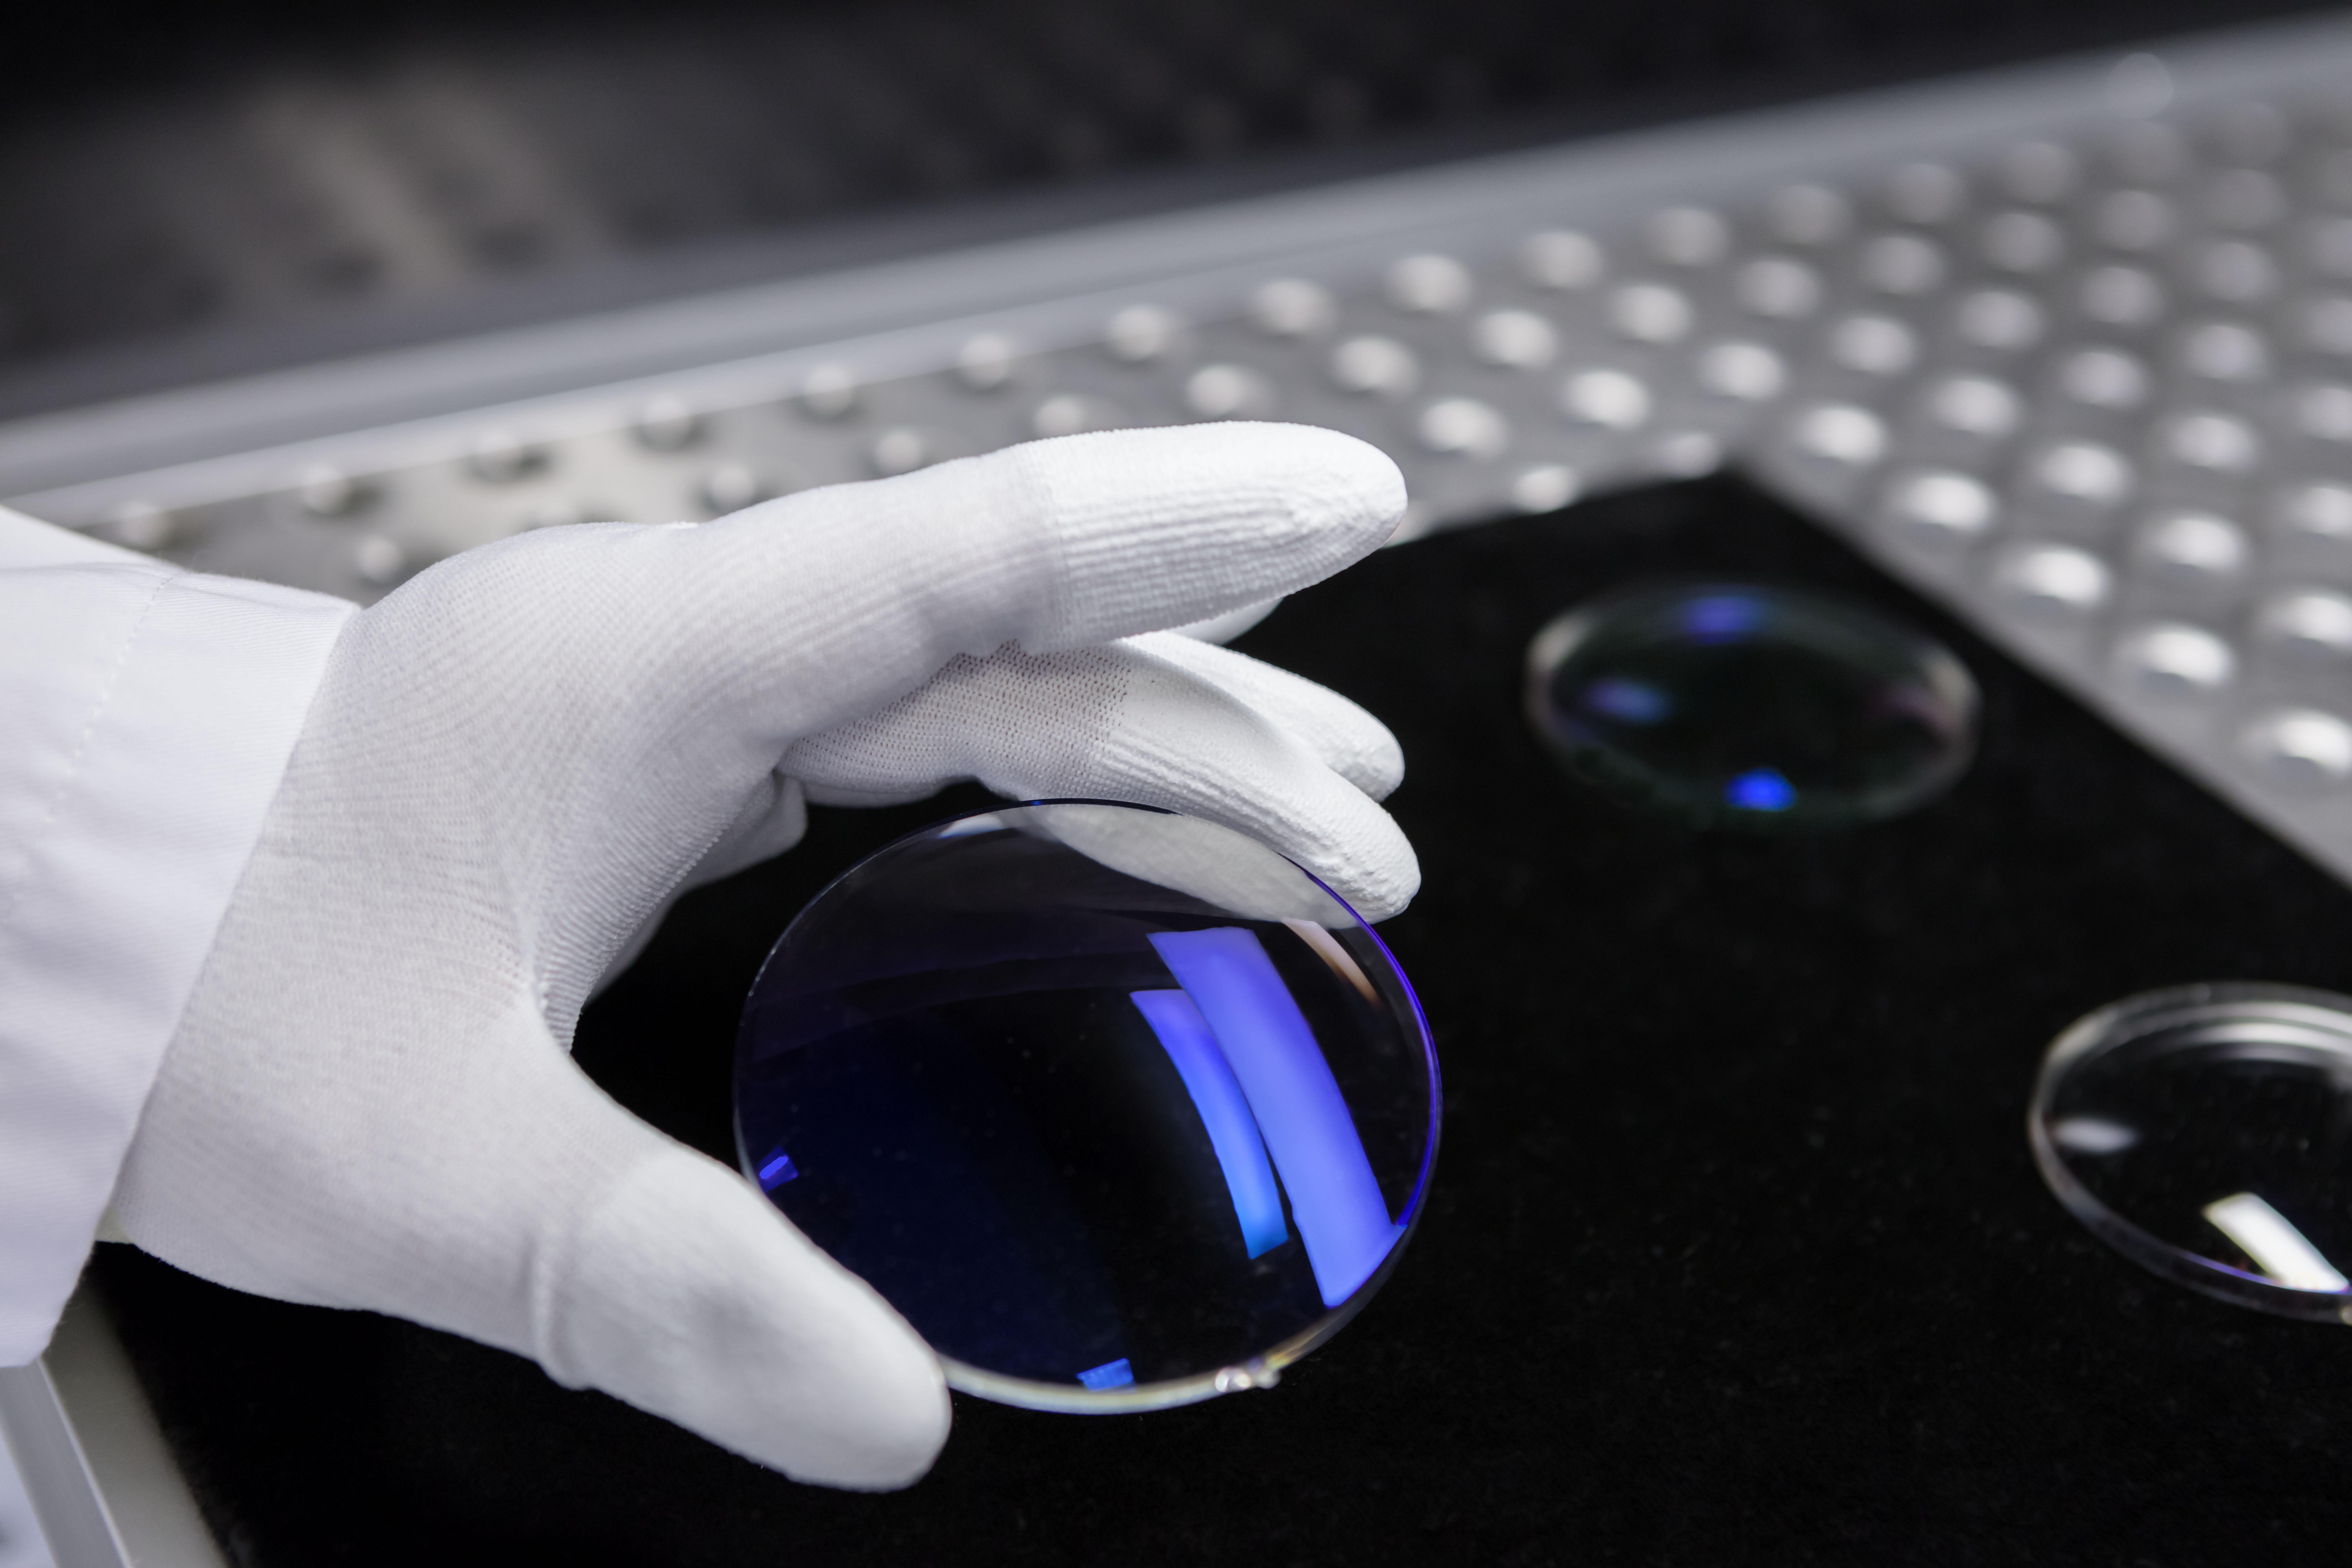 蔡司镜片的蓝色反光是采用布勒镀膜技术形成的效果。